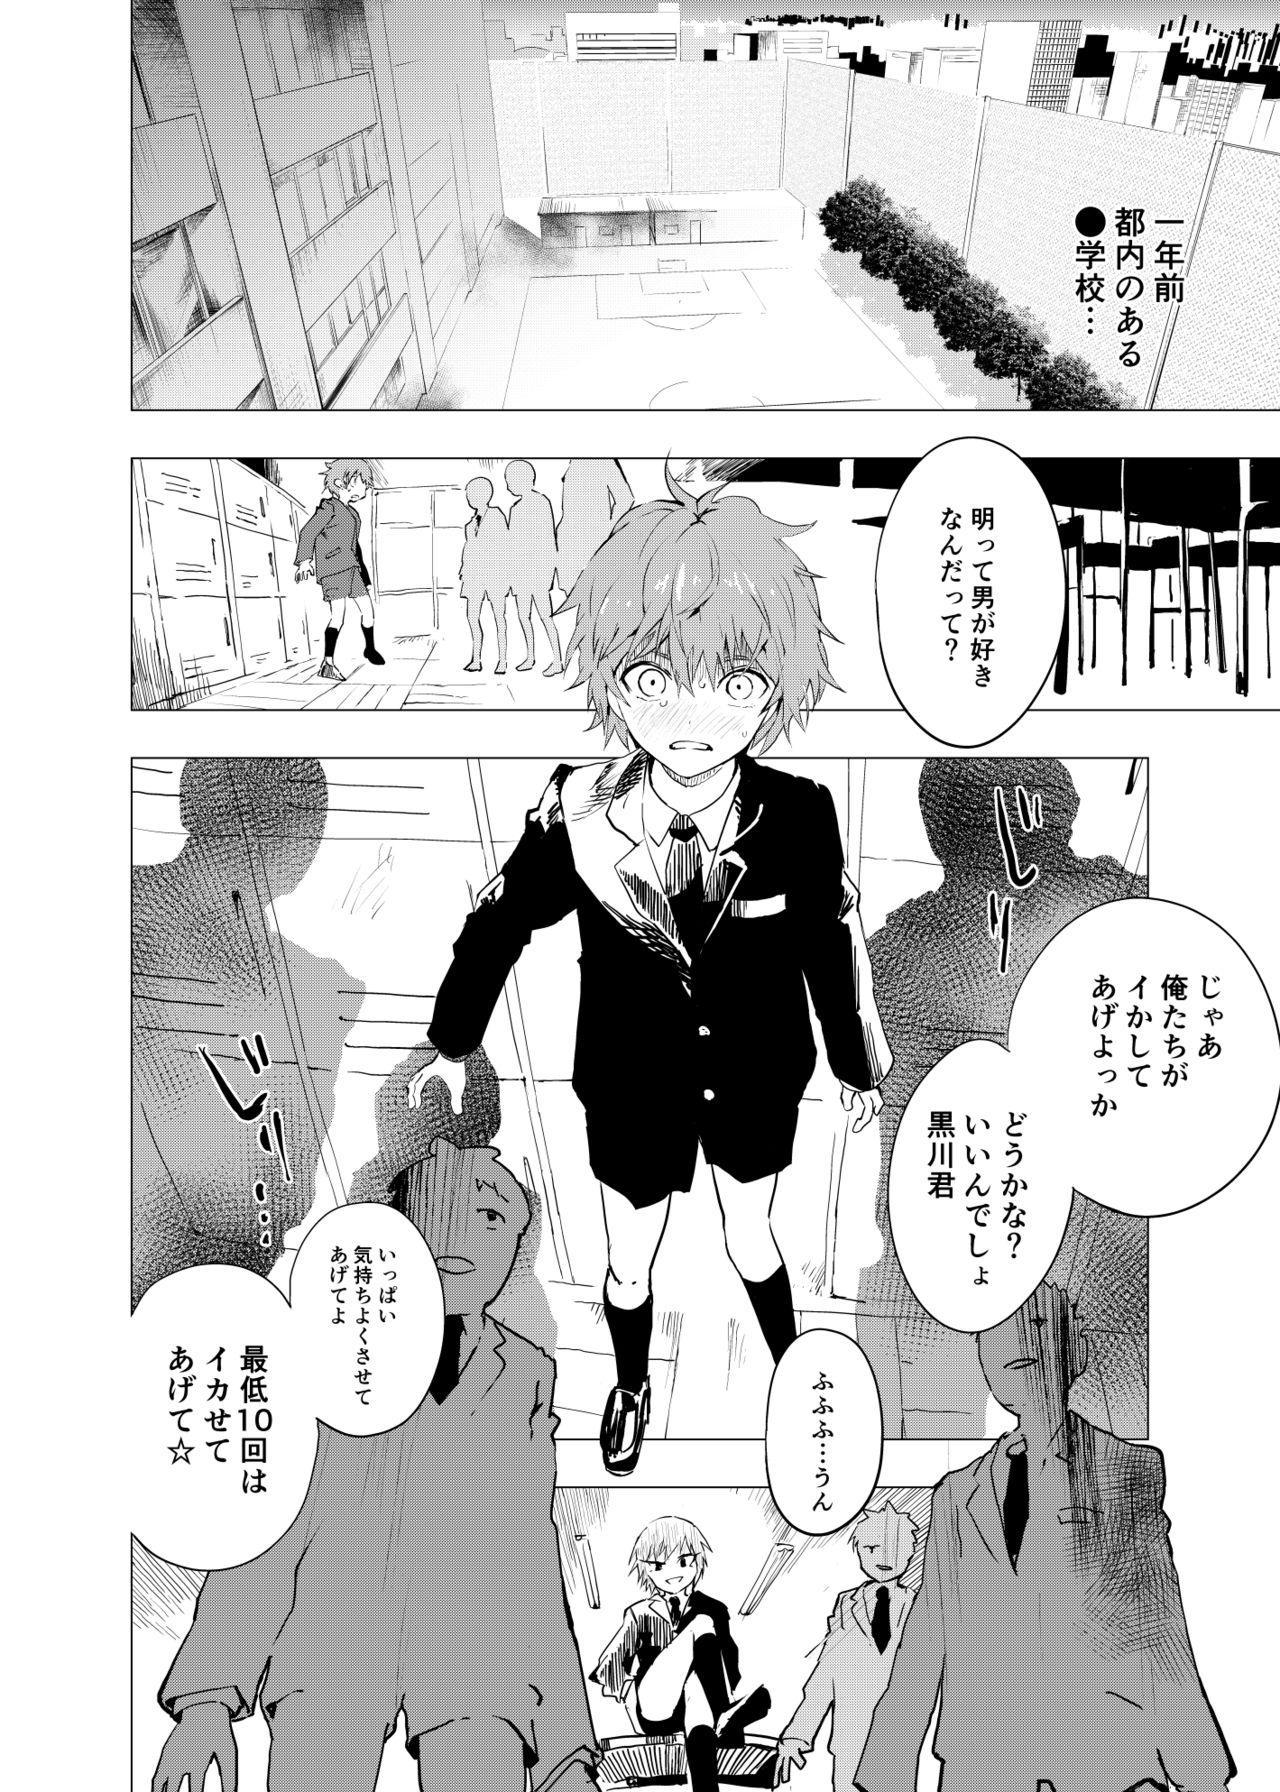 Inaka no Uke Shounen to Tokai no Seme Shounen no Ero Manga 1-6 86